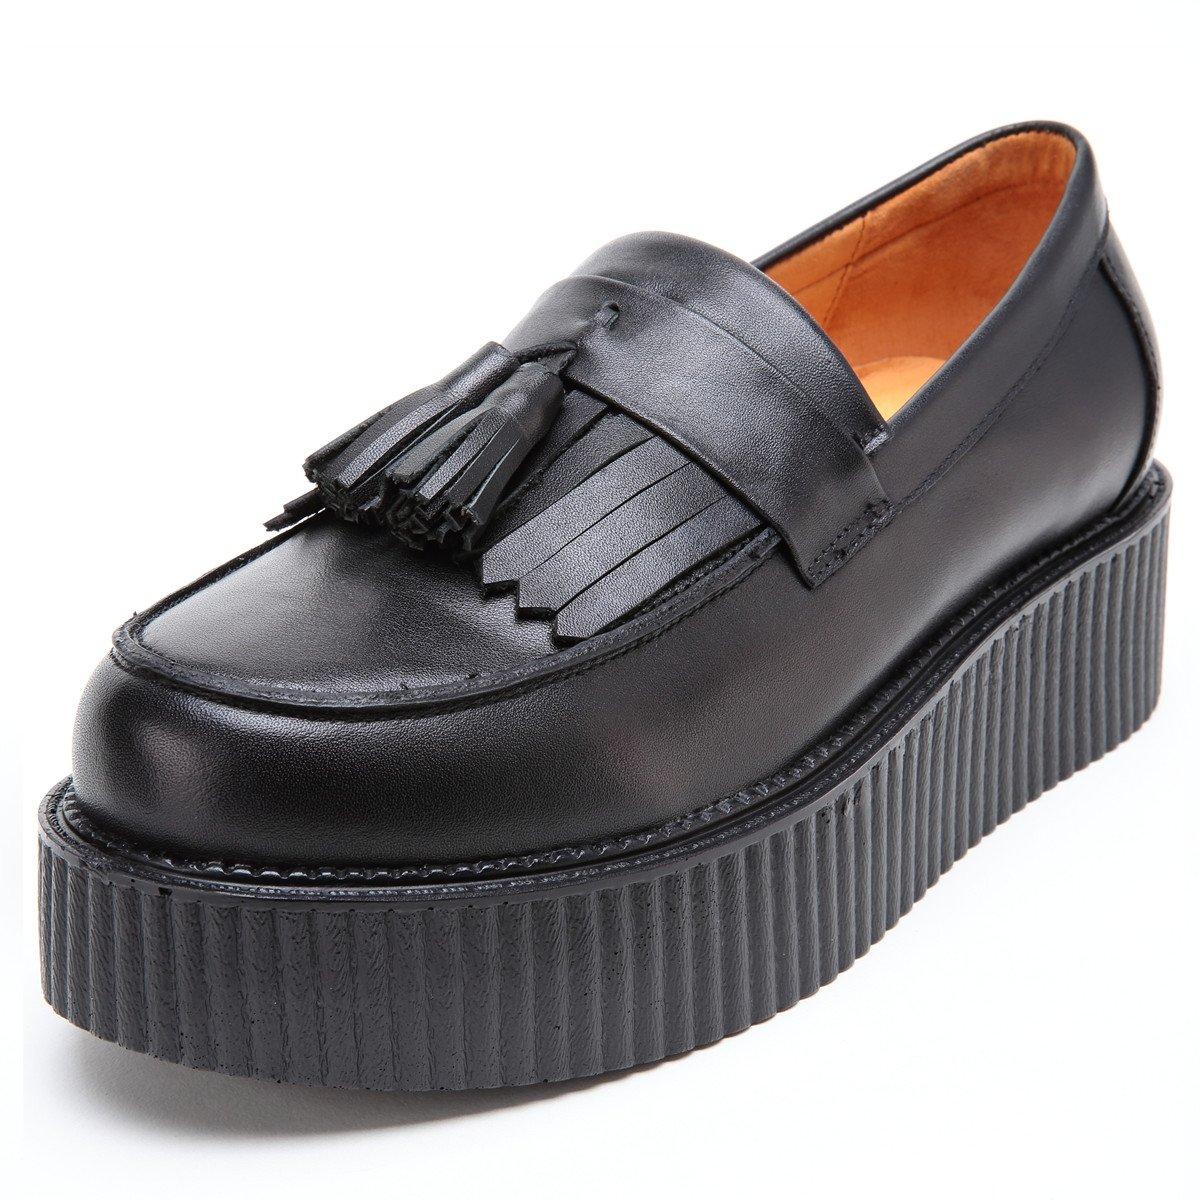 Hombre Hombre Hombre Cuero Mocasines Plataforma Creepers Loafers Casual Zapatos cd882f